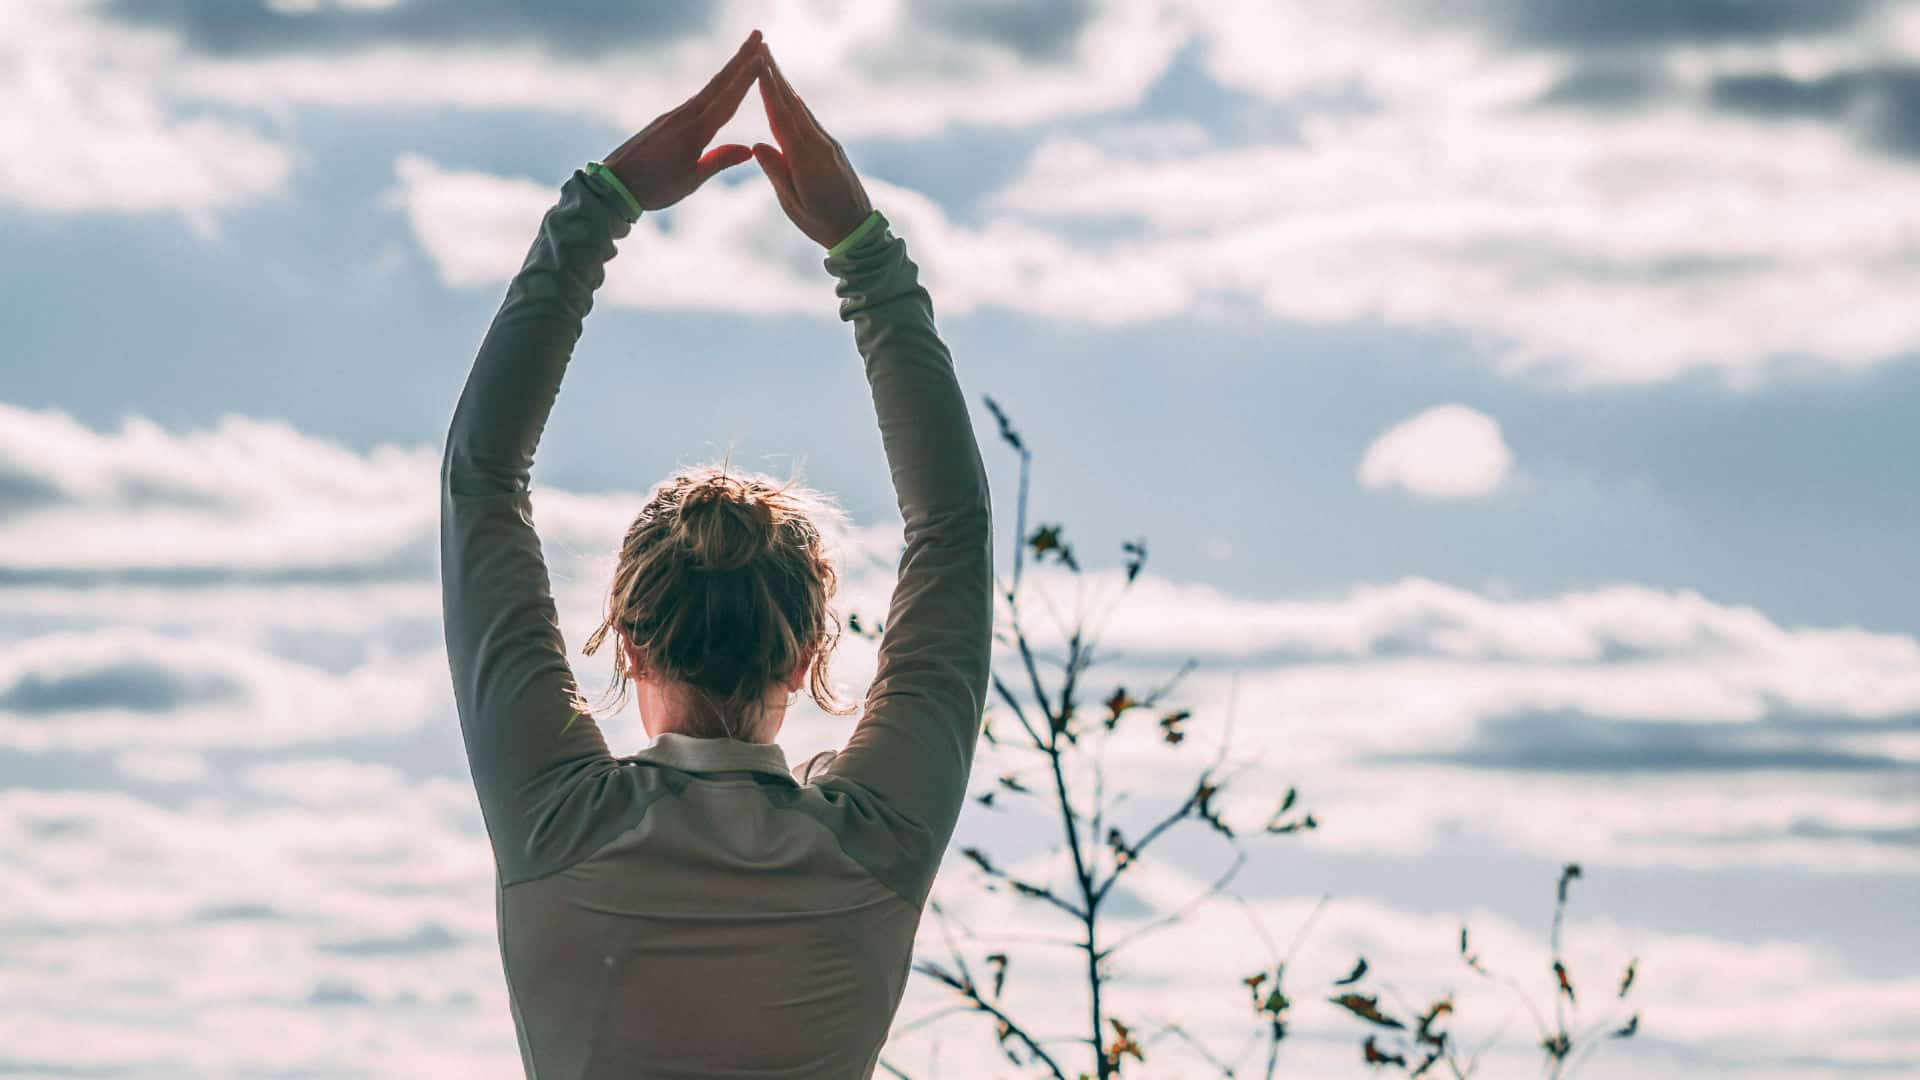 Yoga utomhus. Bild: Jacob Postuma/Unsplash